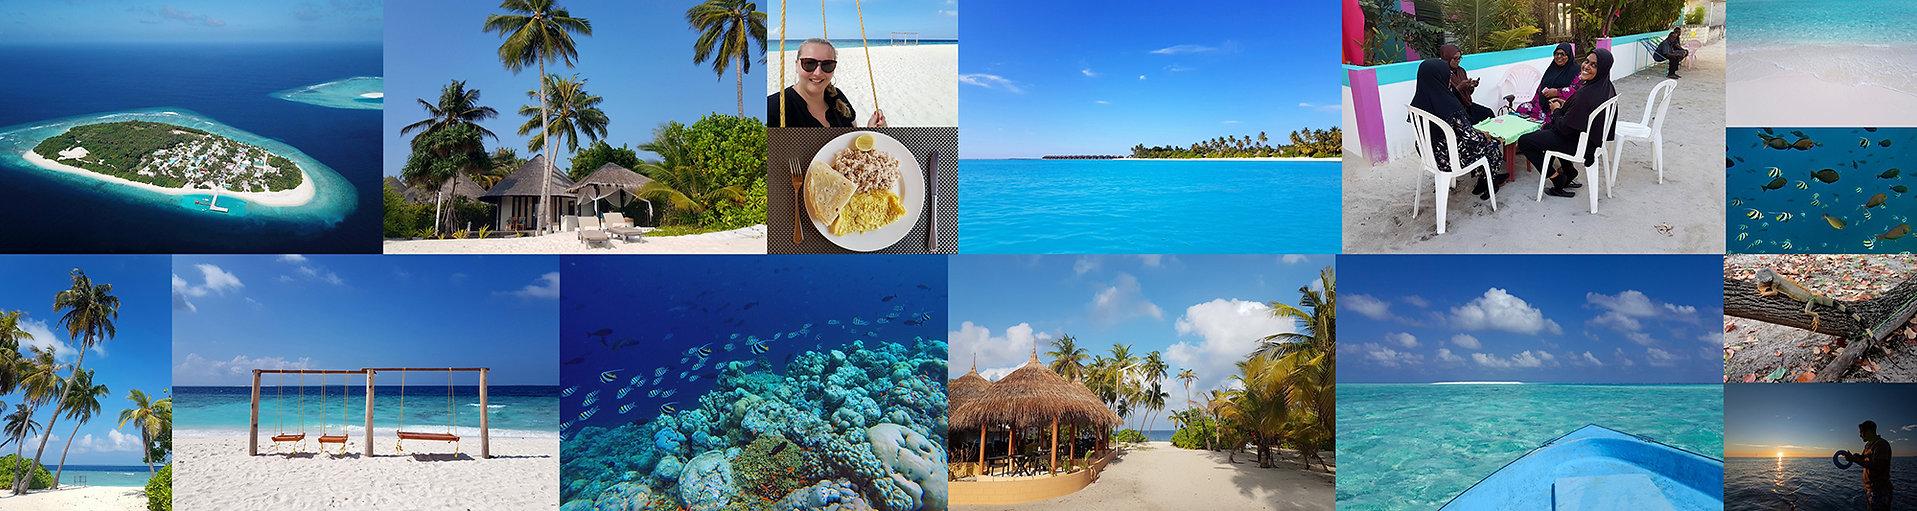 Maledivy_s_průvodcem,_Maledivy_s_Lucií,_